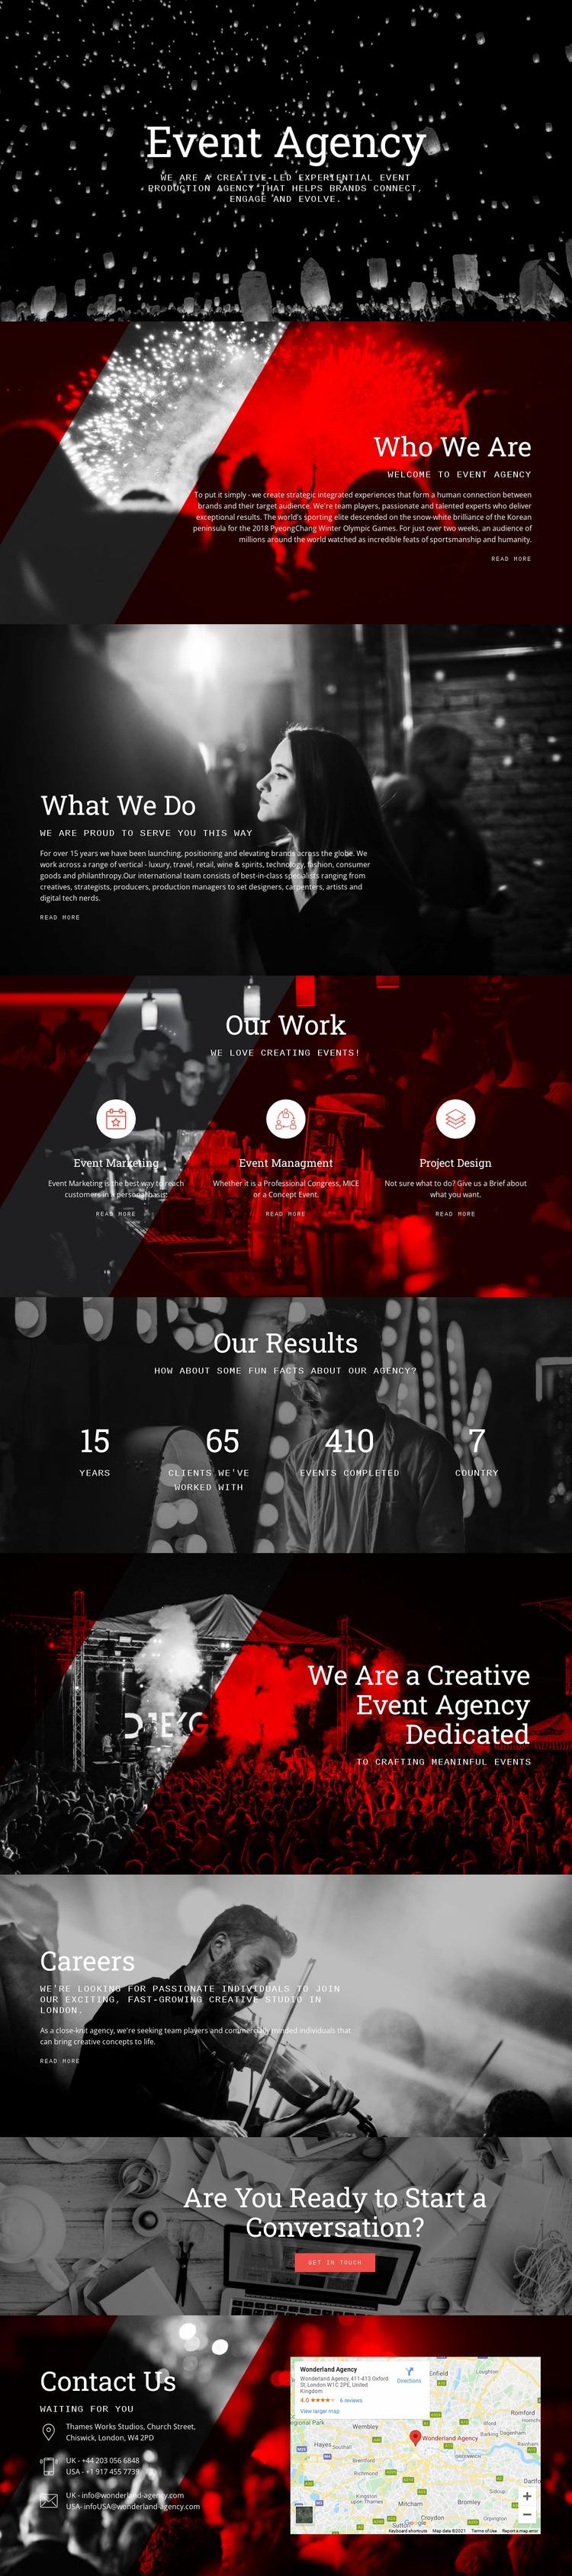 Event Agency Website Mockup